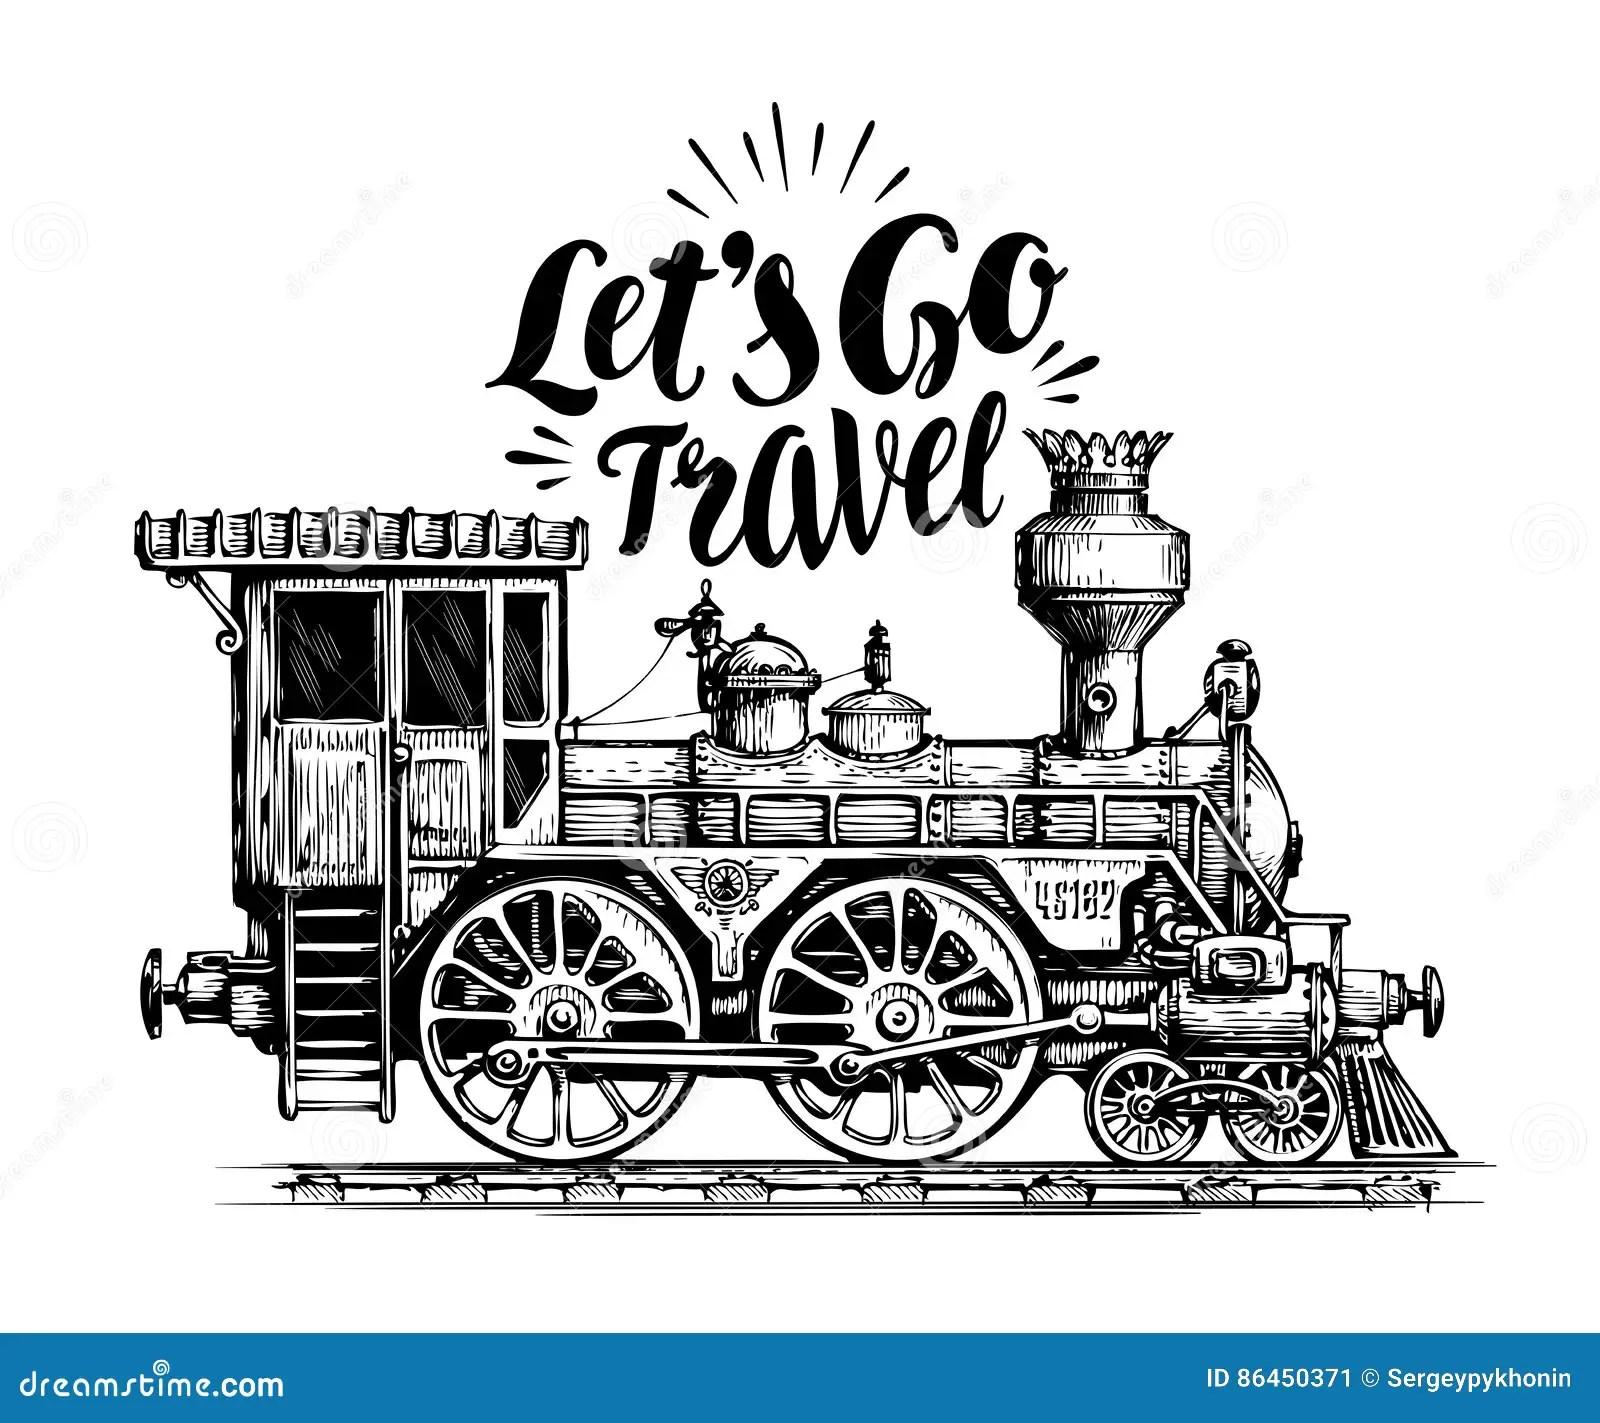 Hand Drawn Vintage Locomotive Steam Train Transport